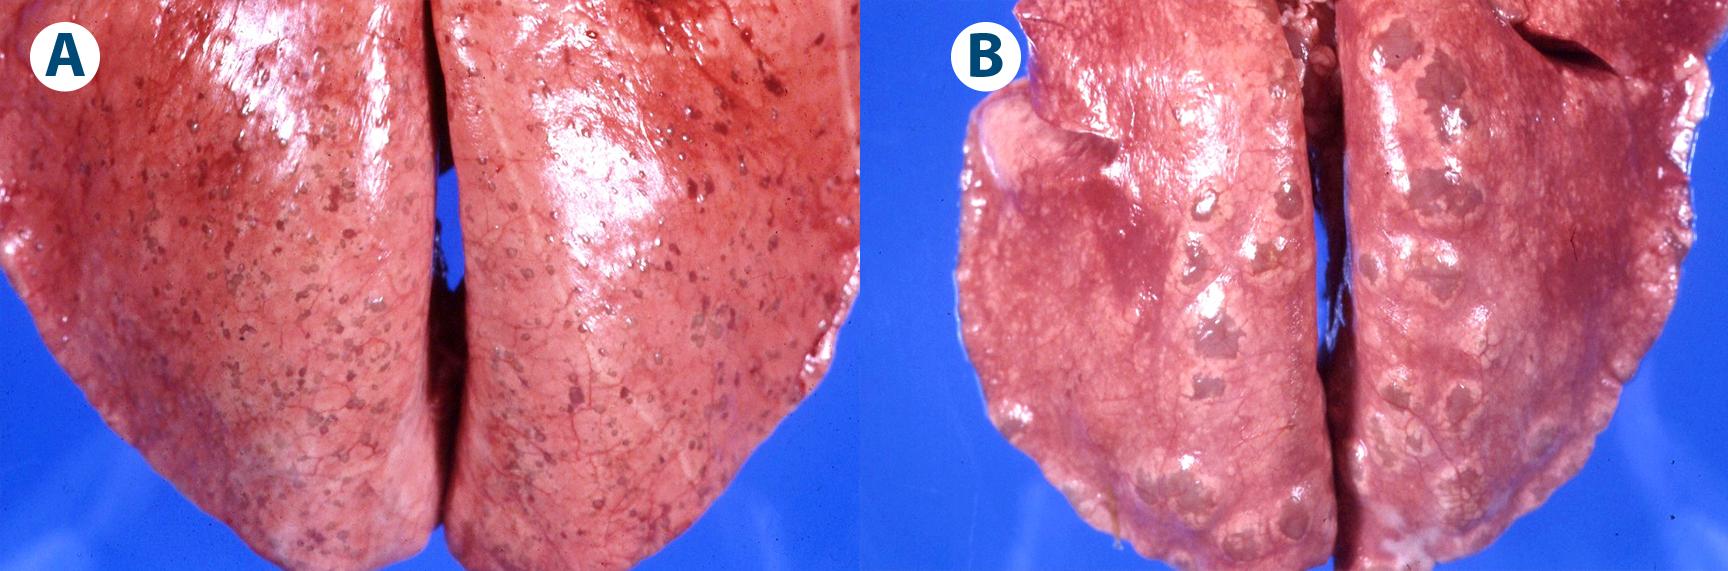 nódulos verminosos y (B) nódulos de cría de protostrongílidos